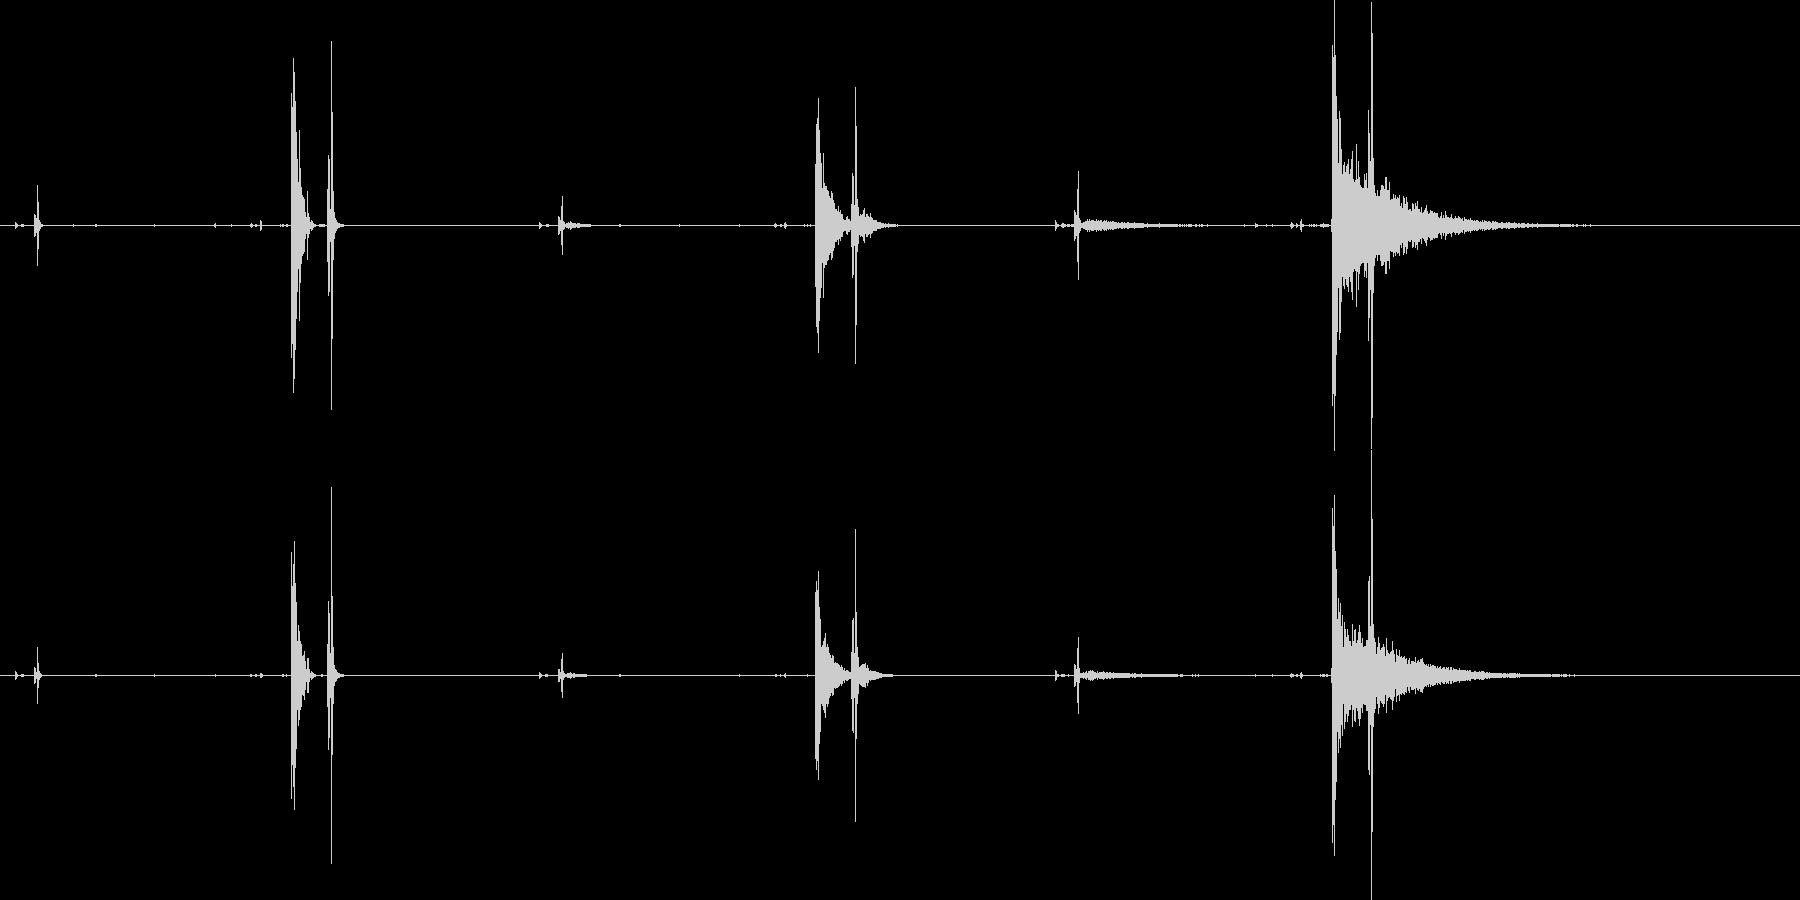 オープニング、クロージング、ウィン...の未再生の波形